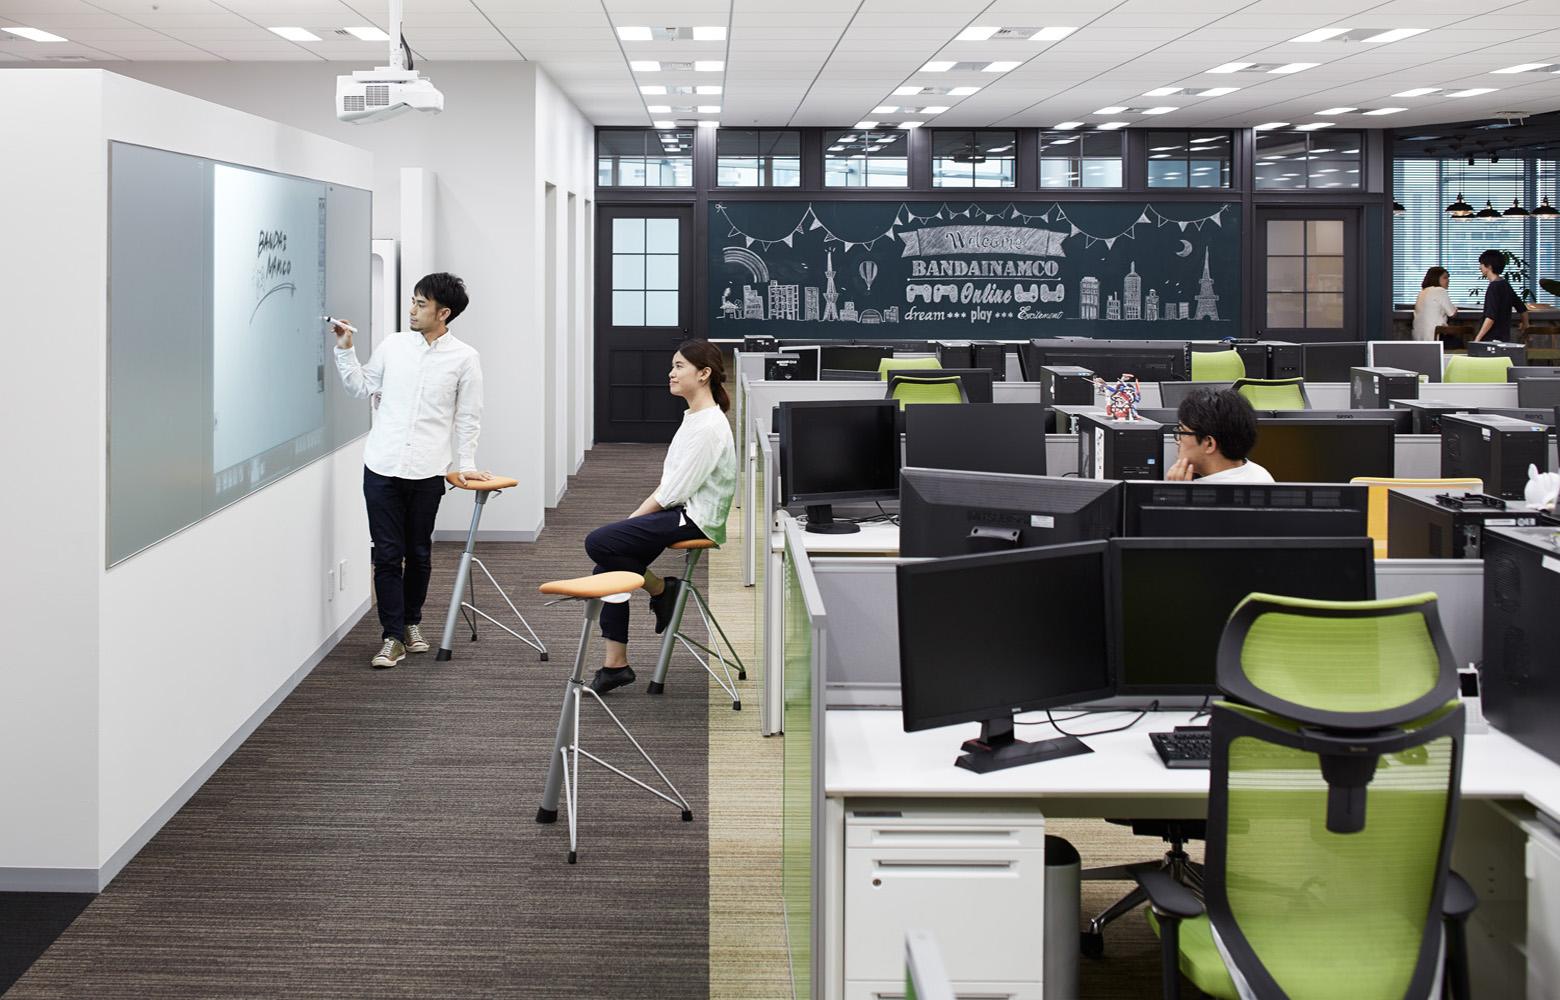 株式会社バンダイナムコオンライン Work Space デザイン・レイアウト事例